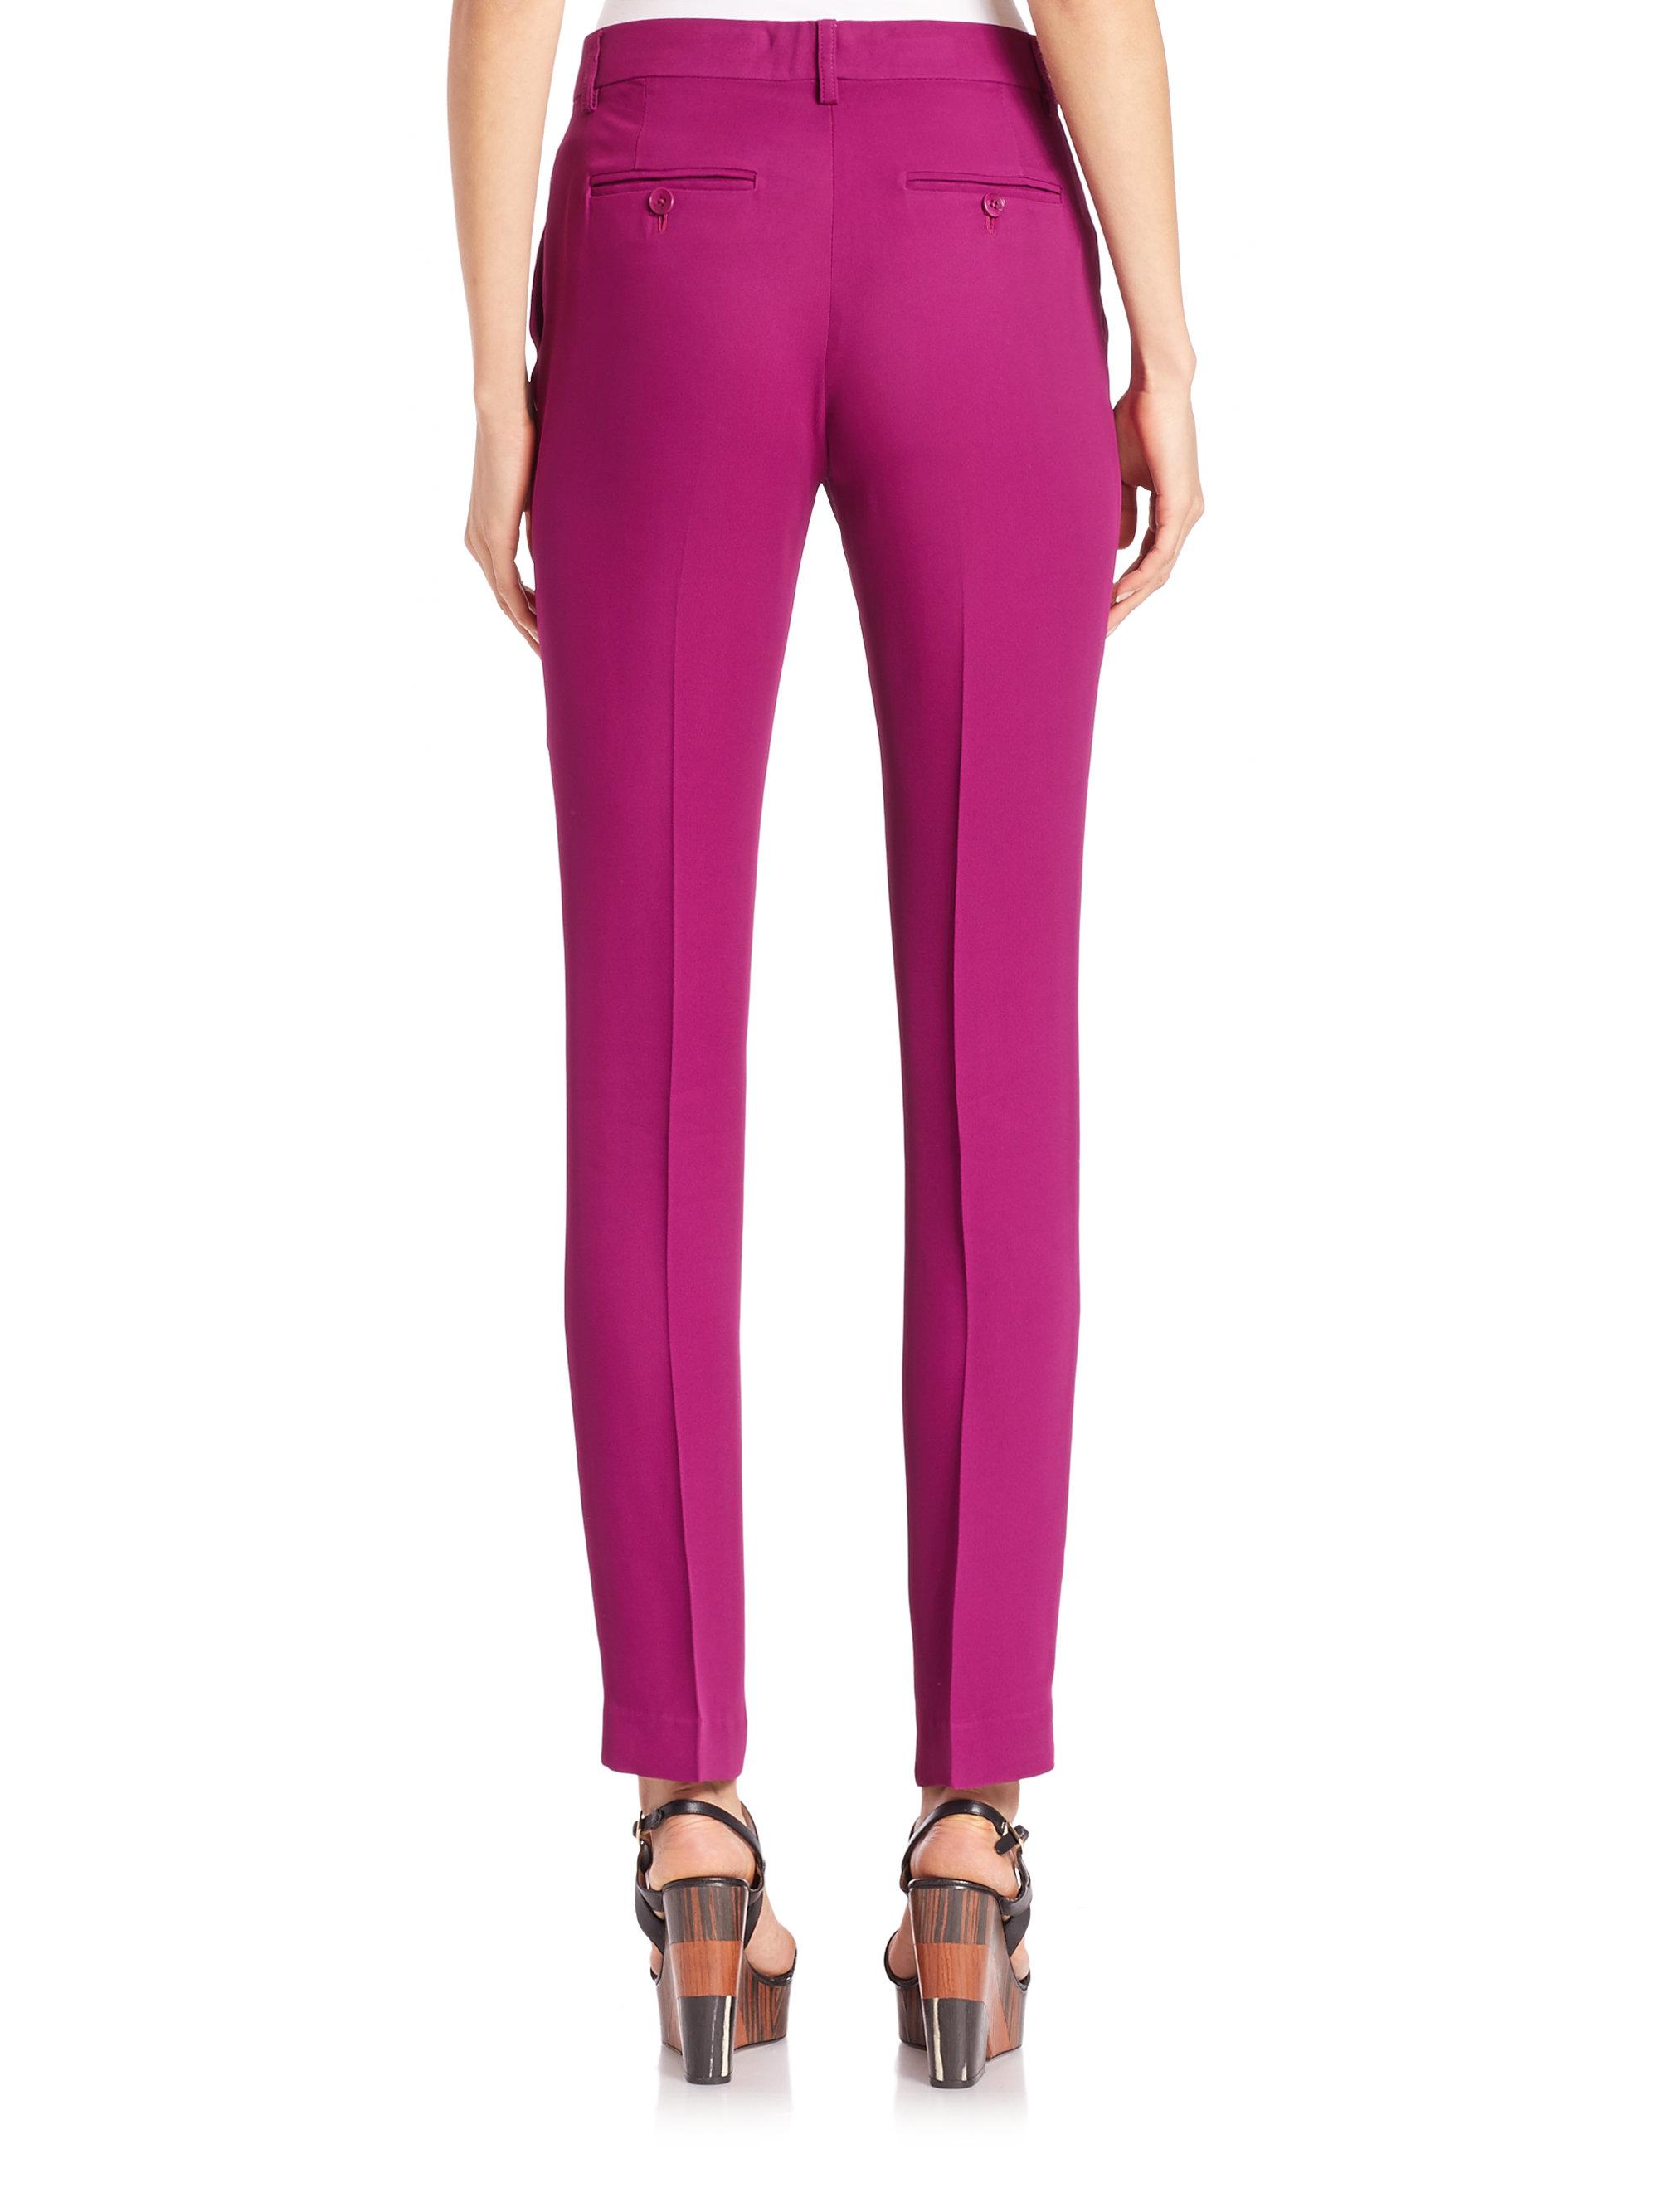 Purple Skinny Jeans For Women